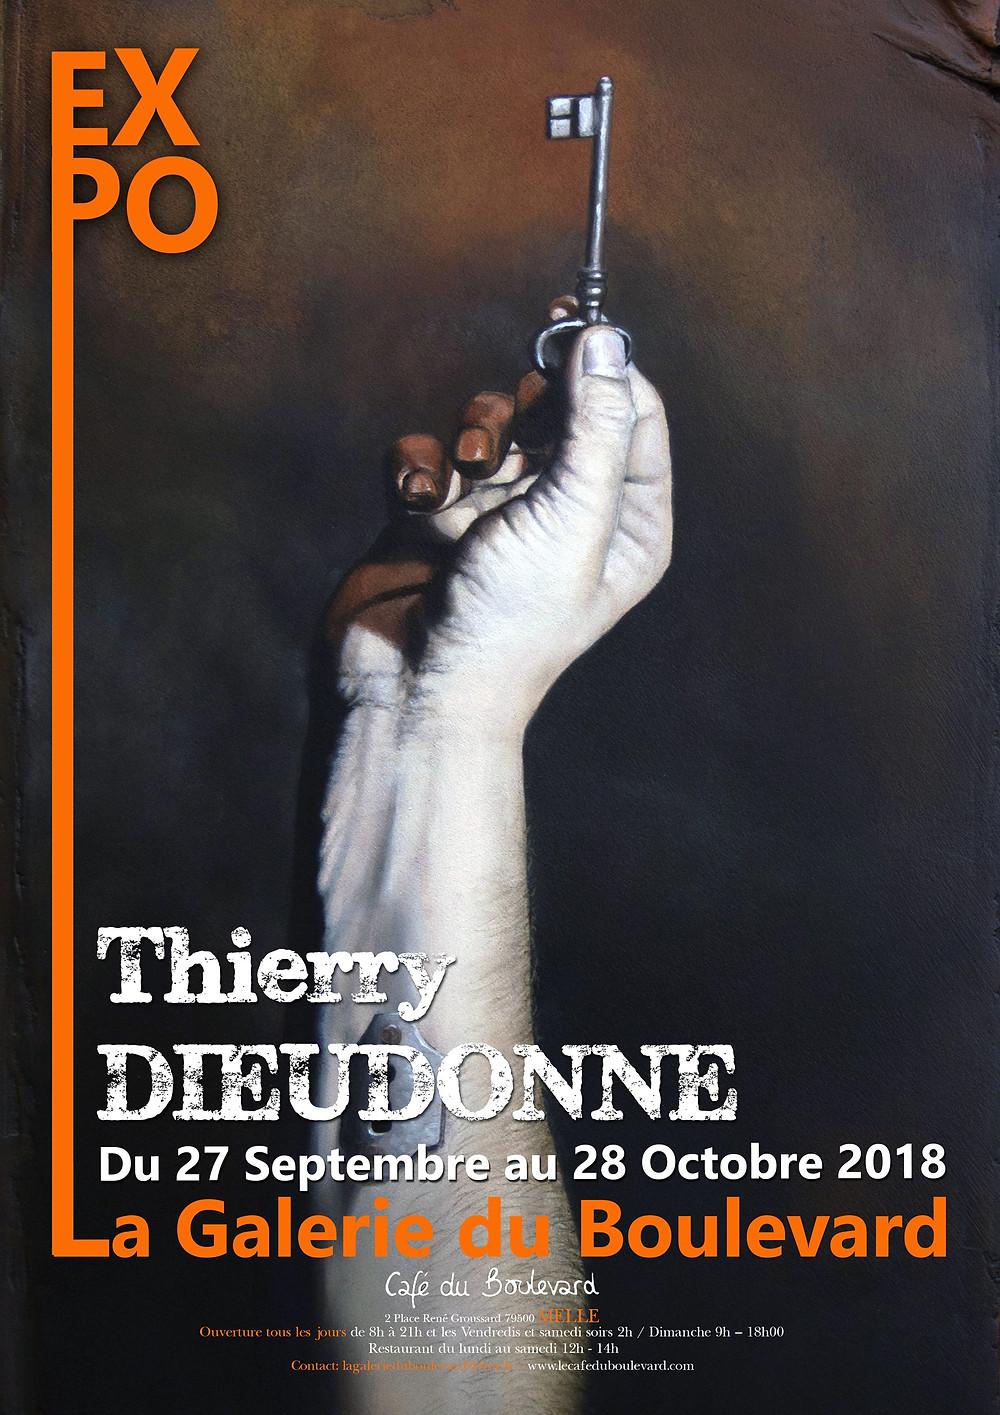 Exposition de Thierry Dieudonné à La Galerie du Boulevard 2018